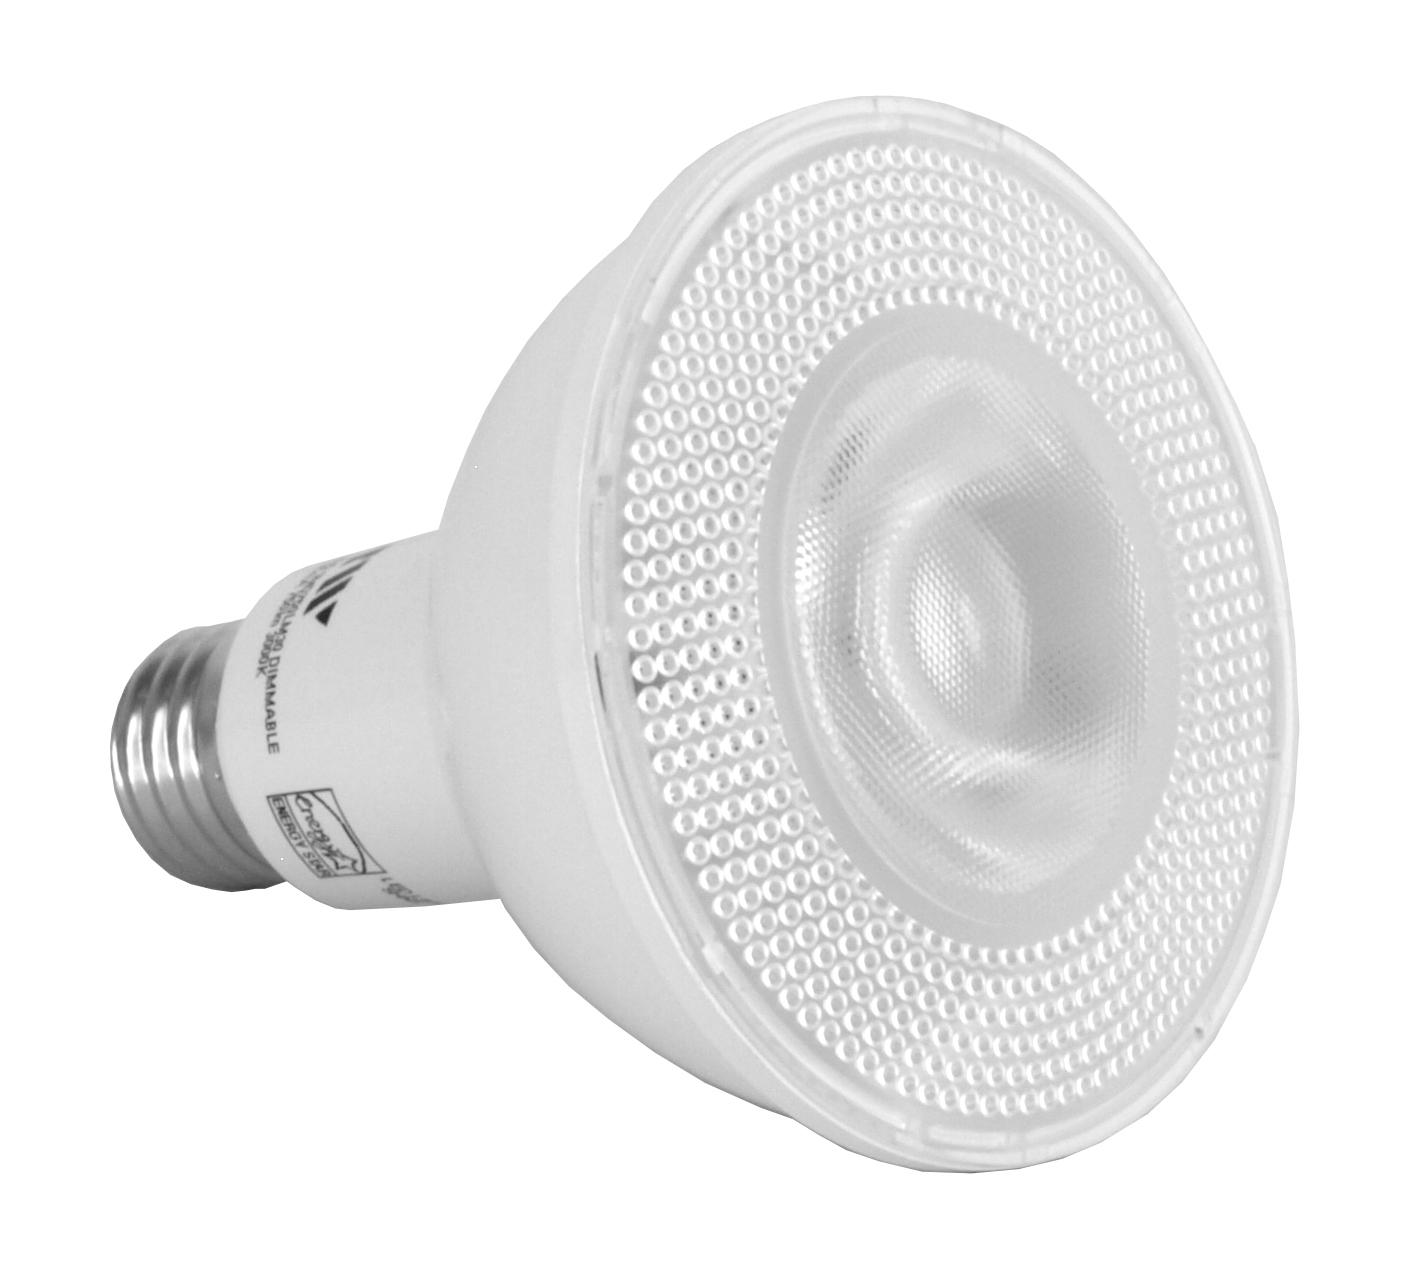 PAR30 LED Flood Light Bulb - 750 Lumen - 3000k